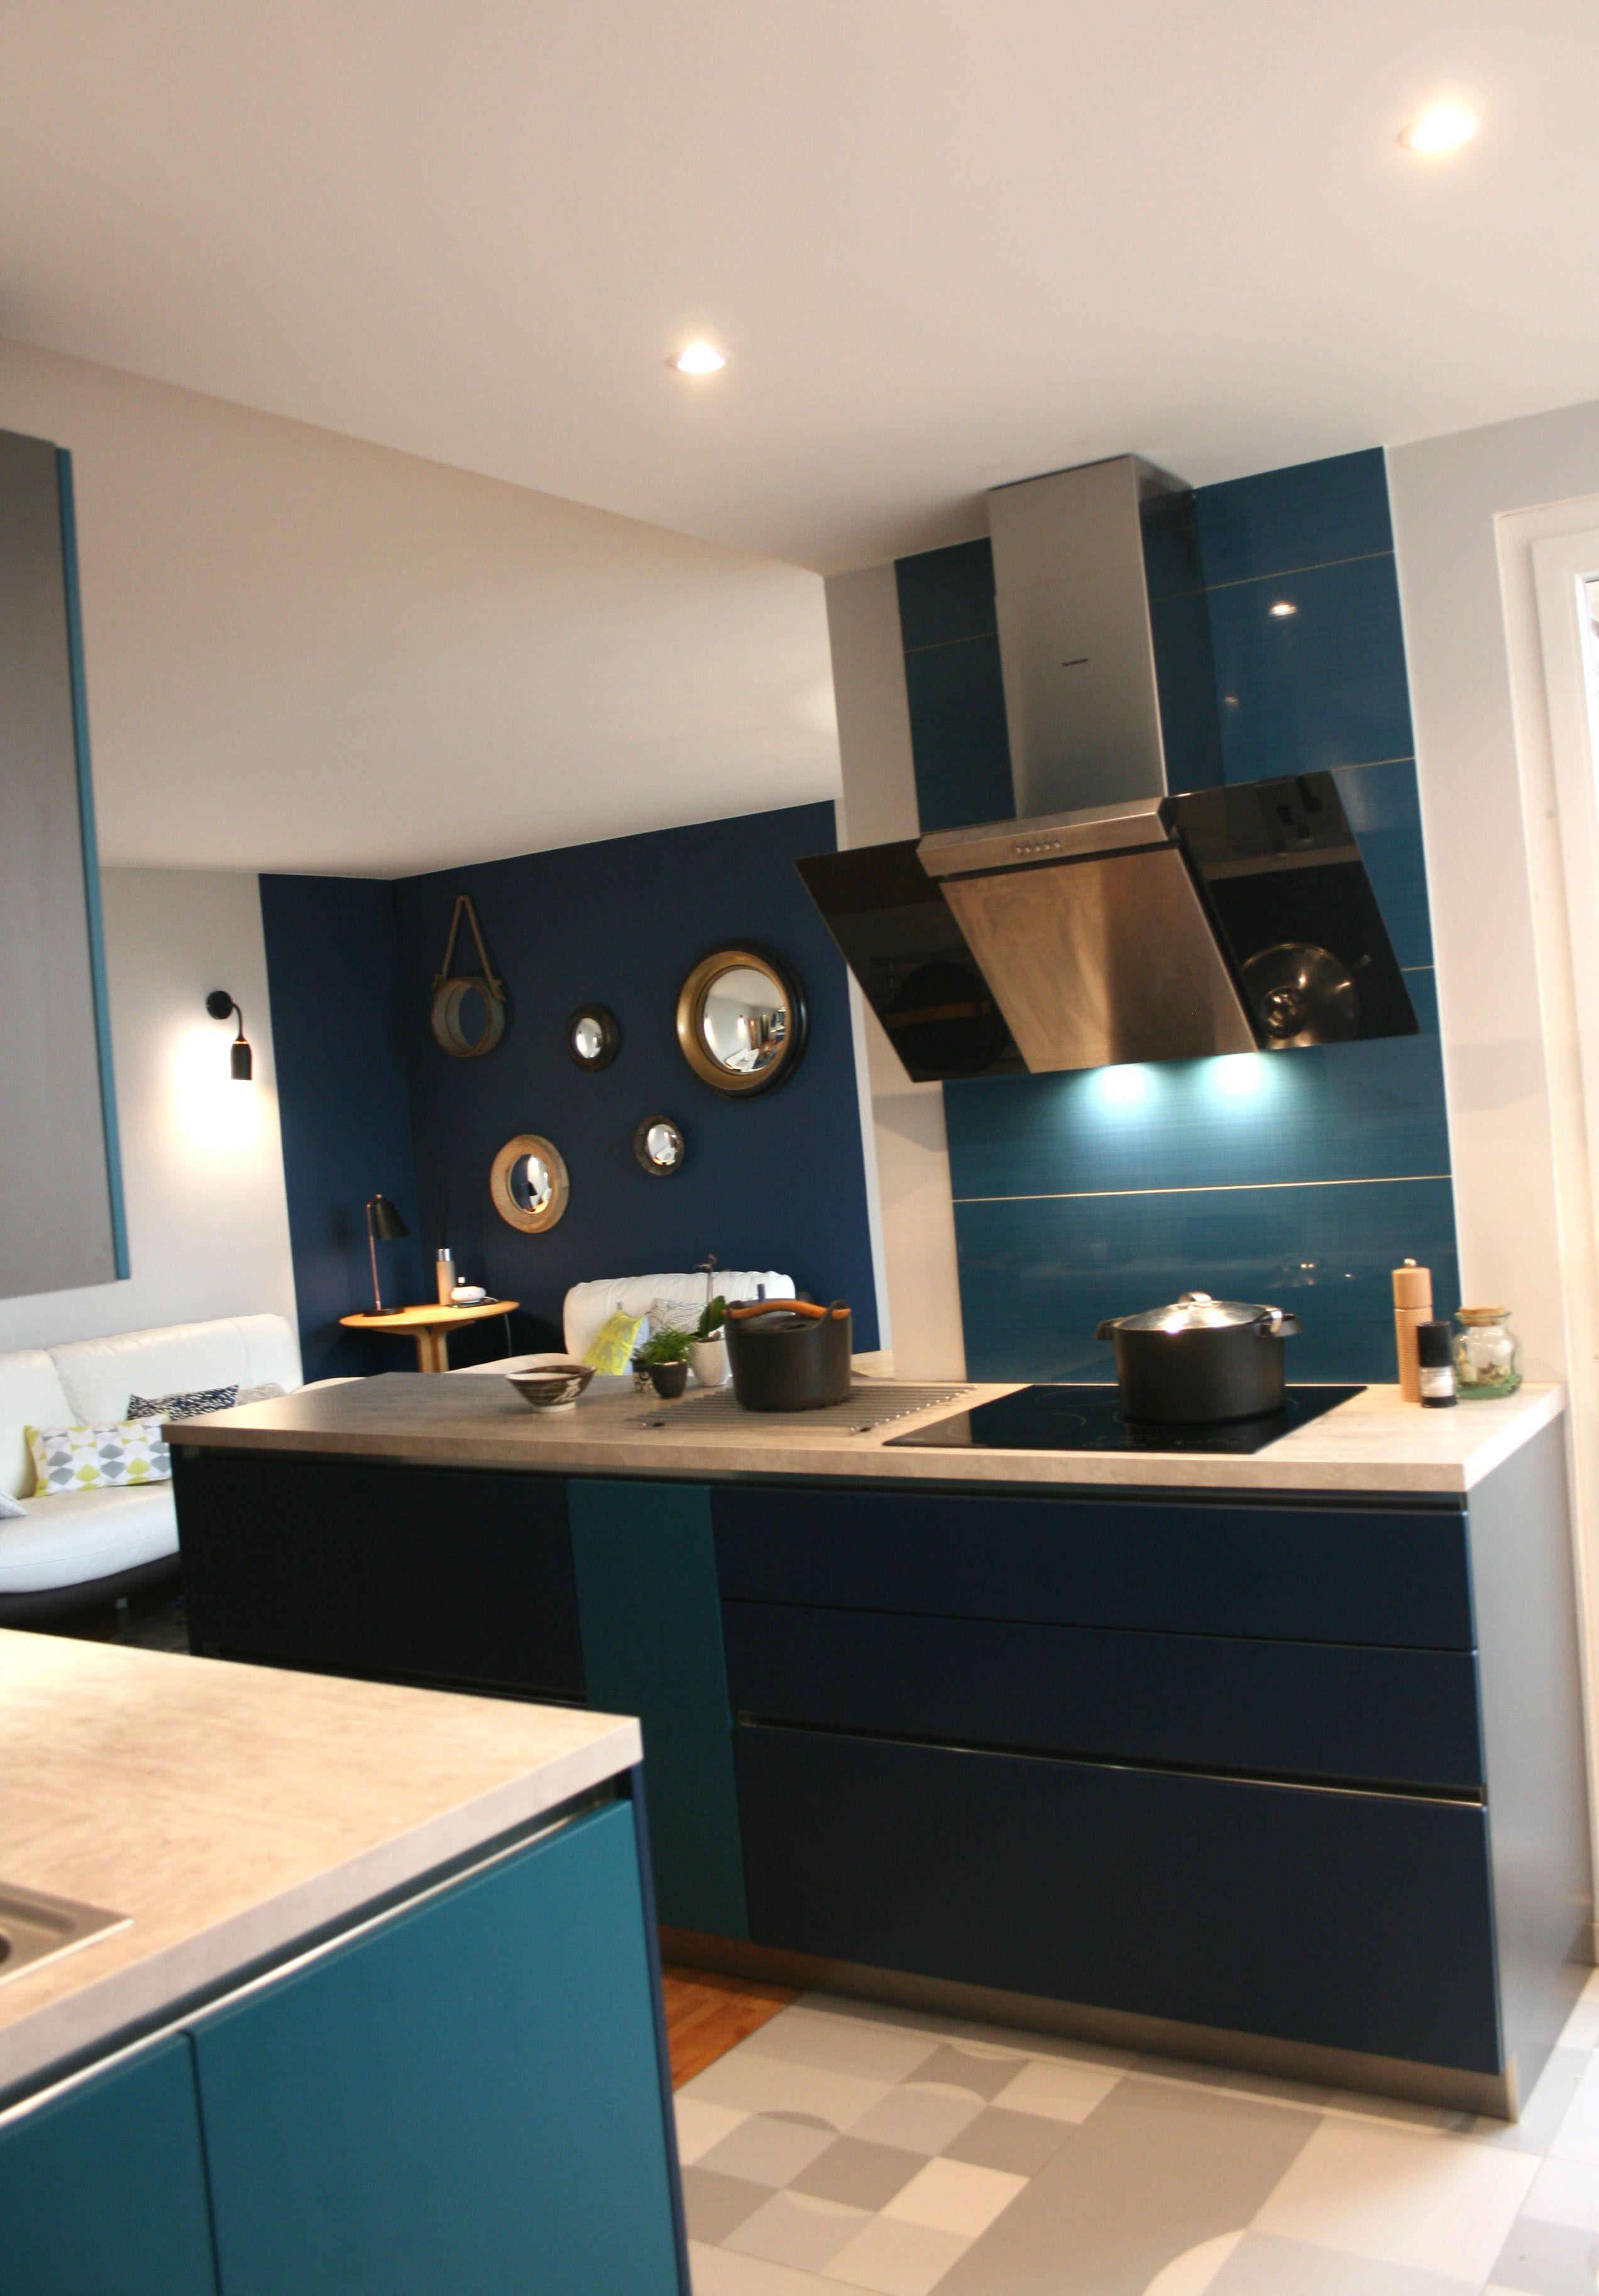 Rénovation cuisine - Bleu nocturne, Bleu canard, Gris, Papier